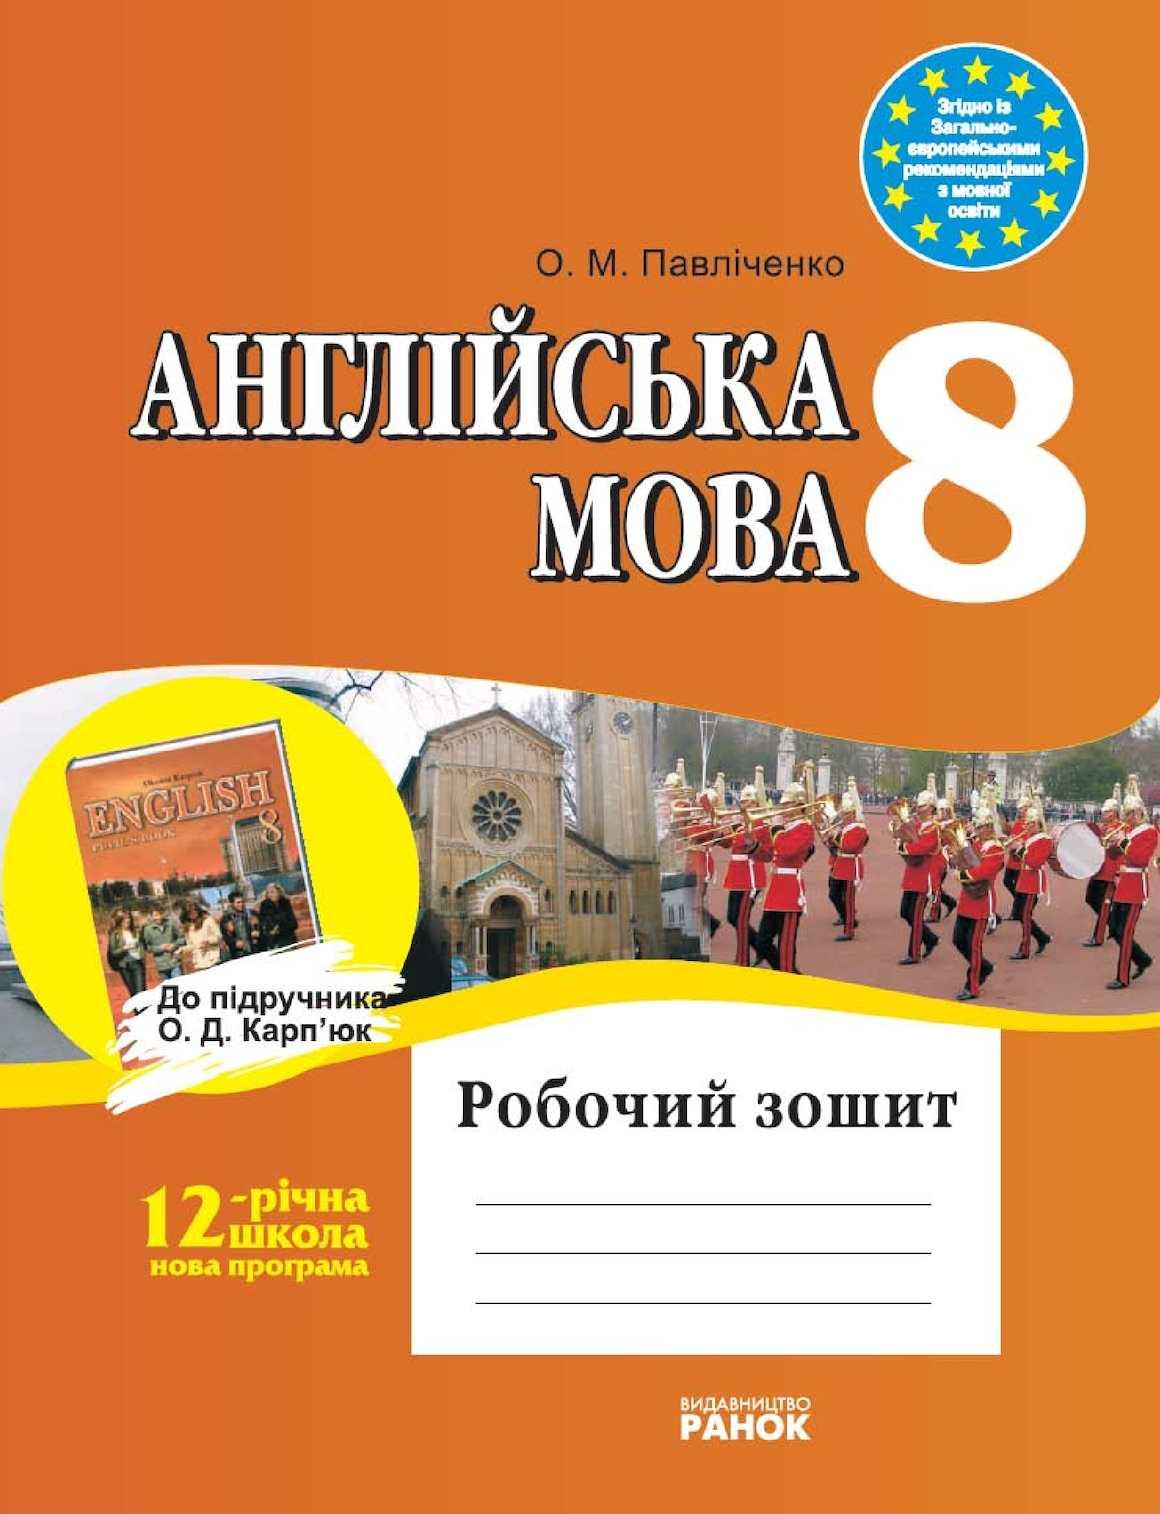 Гдз английська мова 7 робочий зошит о м павличенко